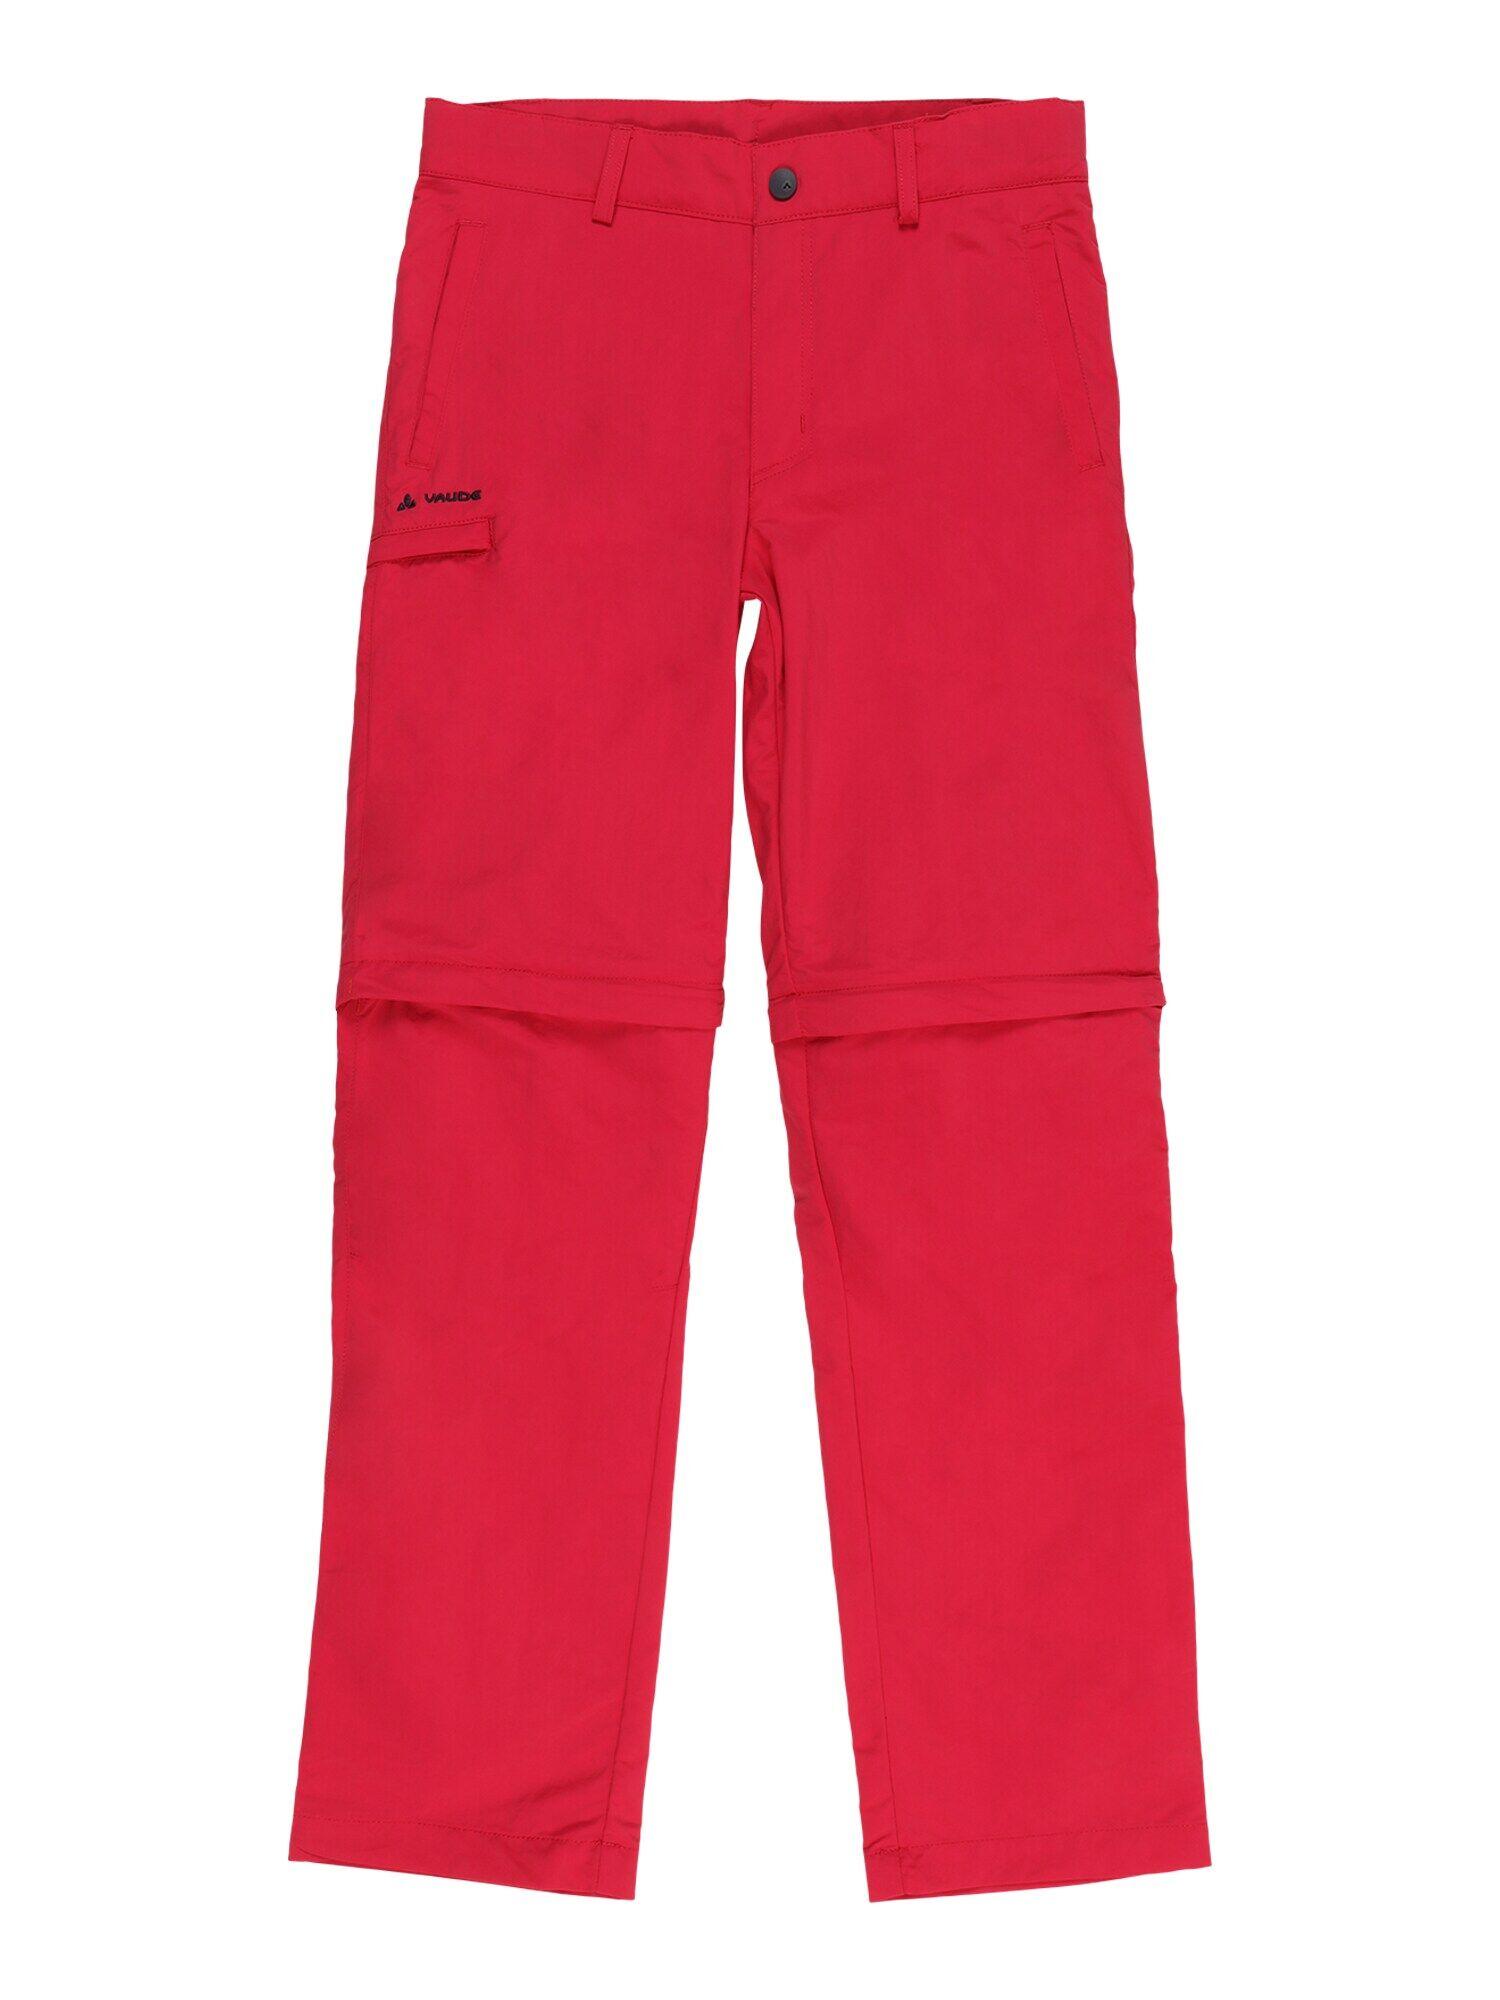 VAUDE Pantalon d'extérieur 'Detective'  - Rouge - Taille: 134-140 - boy